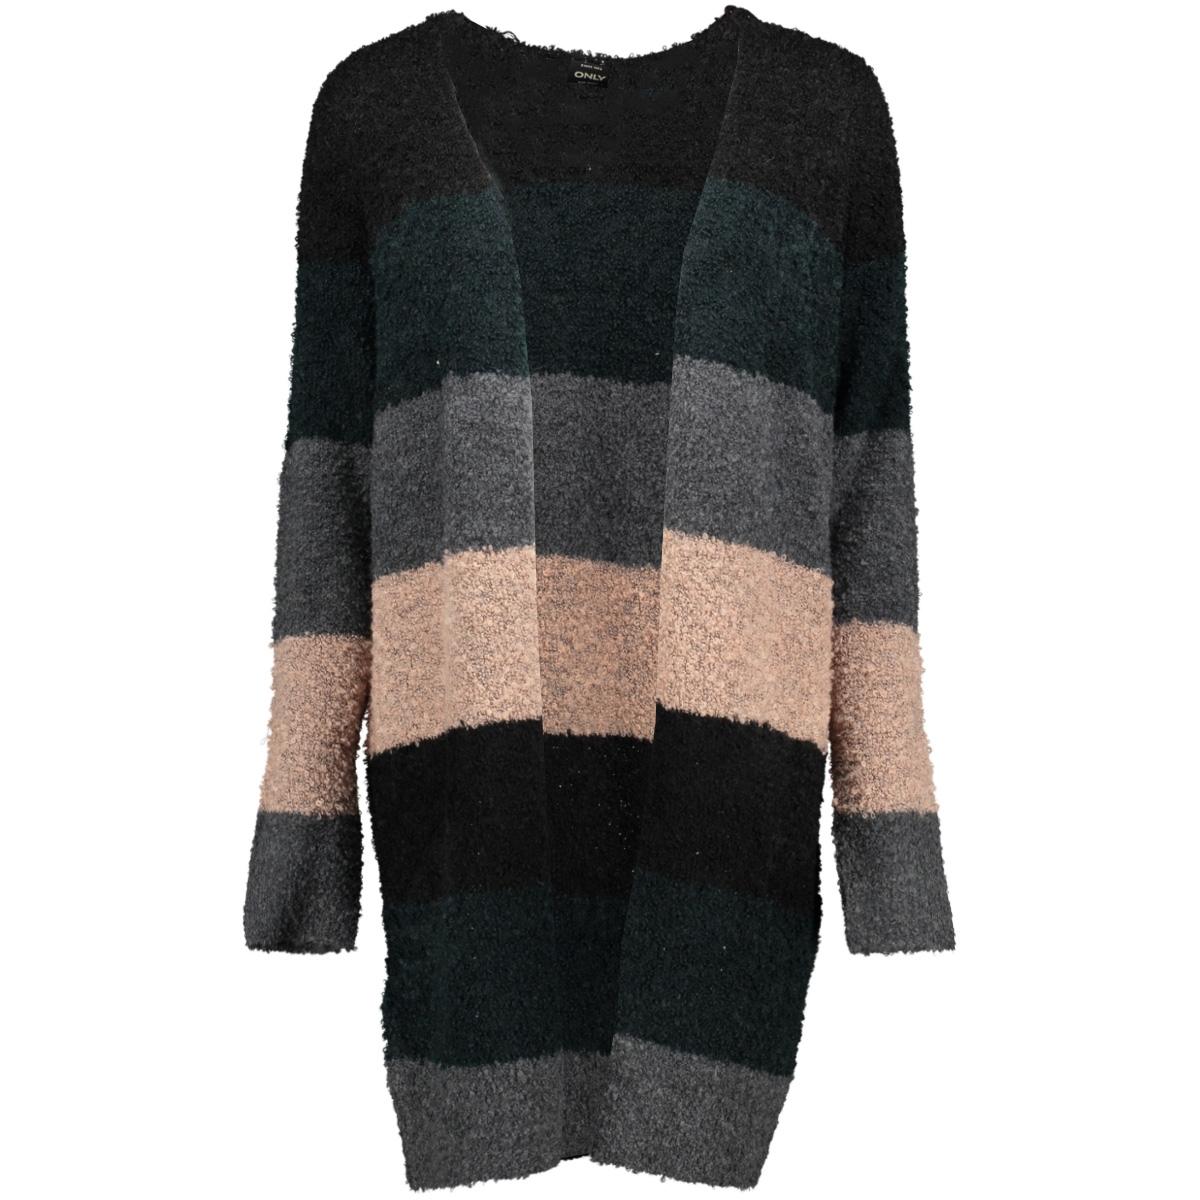 onlmemphis l/s long cardigan knt 15160807 only vest black/w. green gables